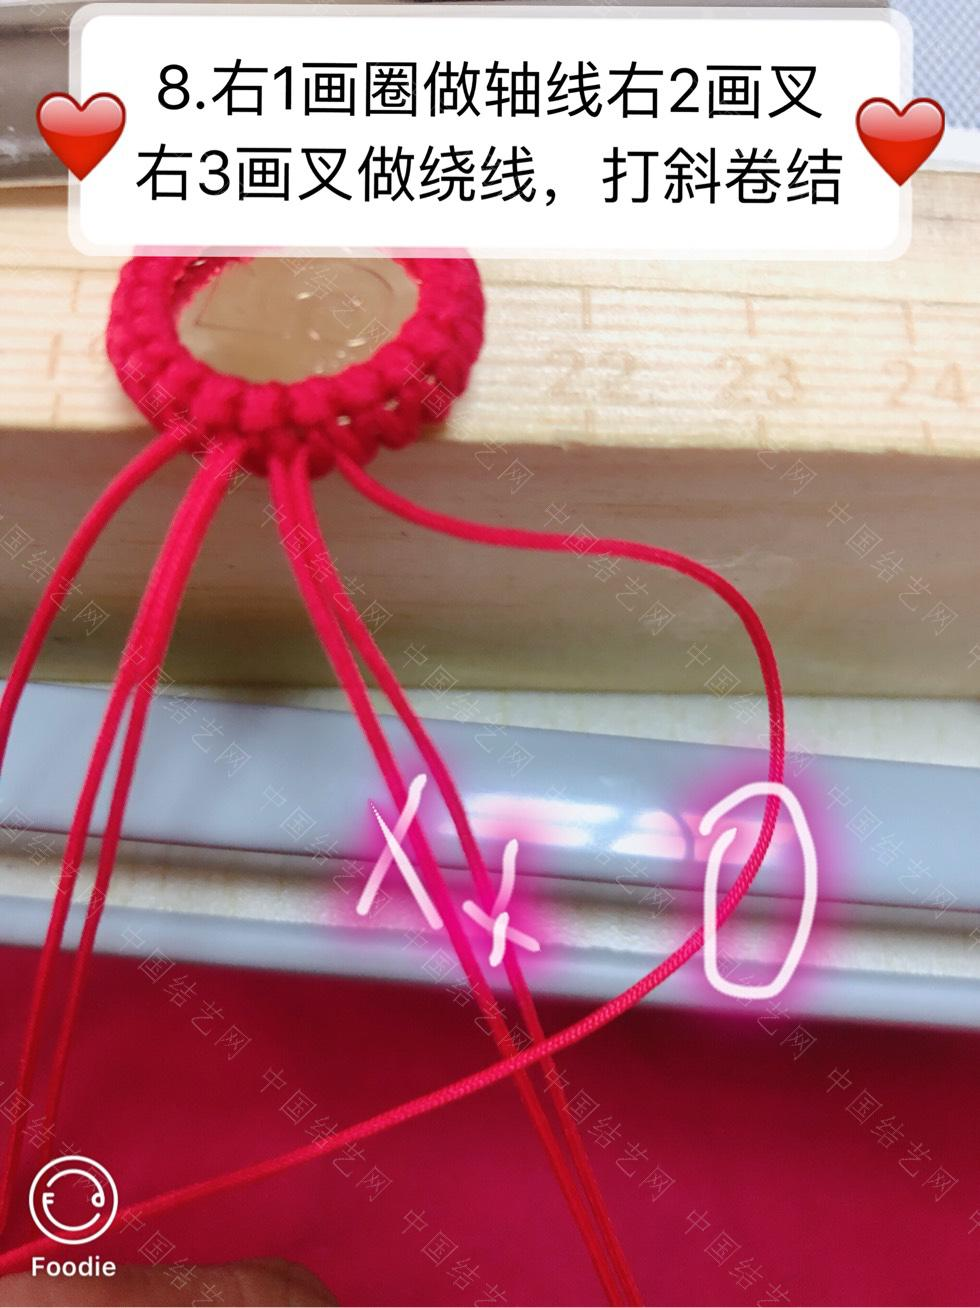 中国结论坛 五毛硬币手链(宽版)  图文教程区 185021jczulkk0qhccld40